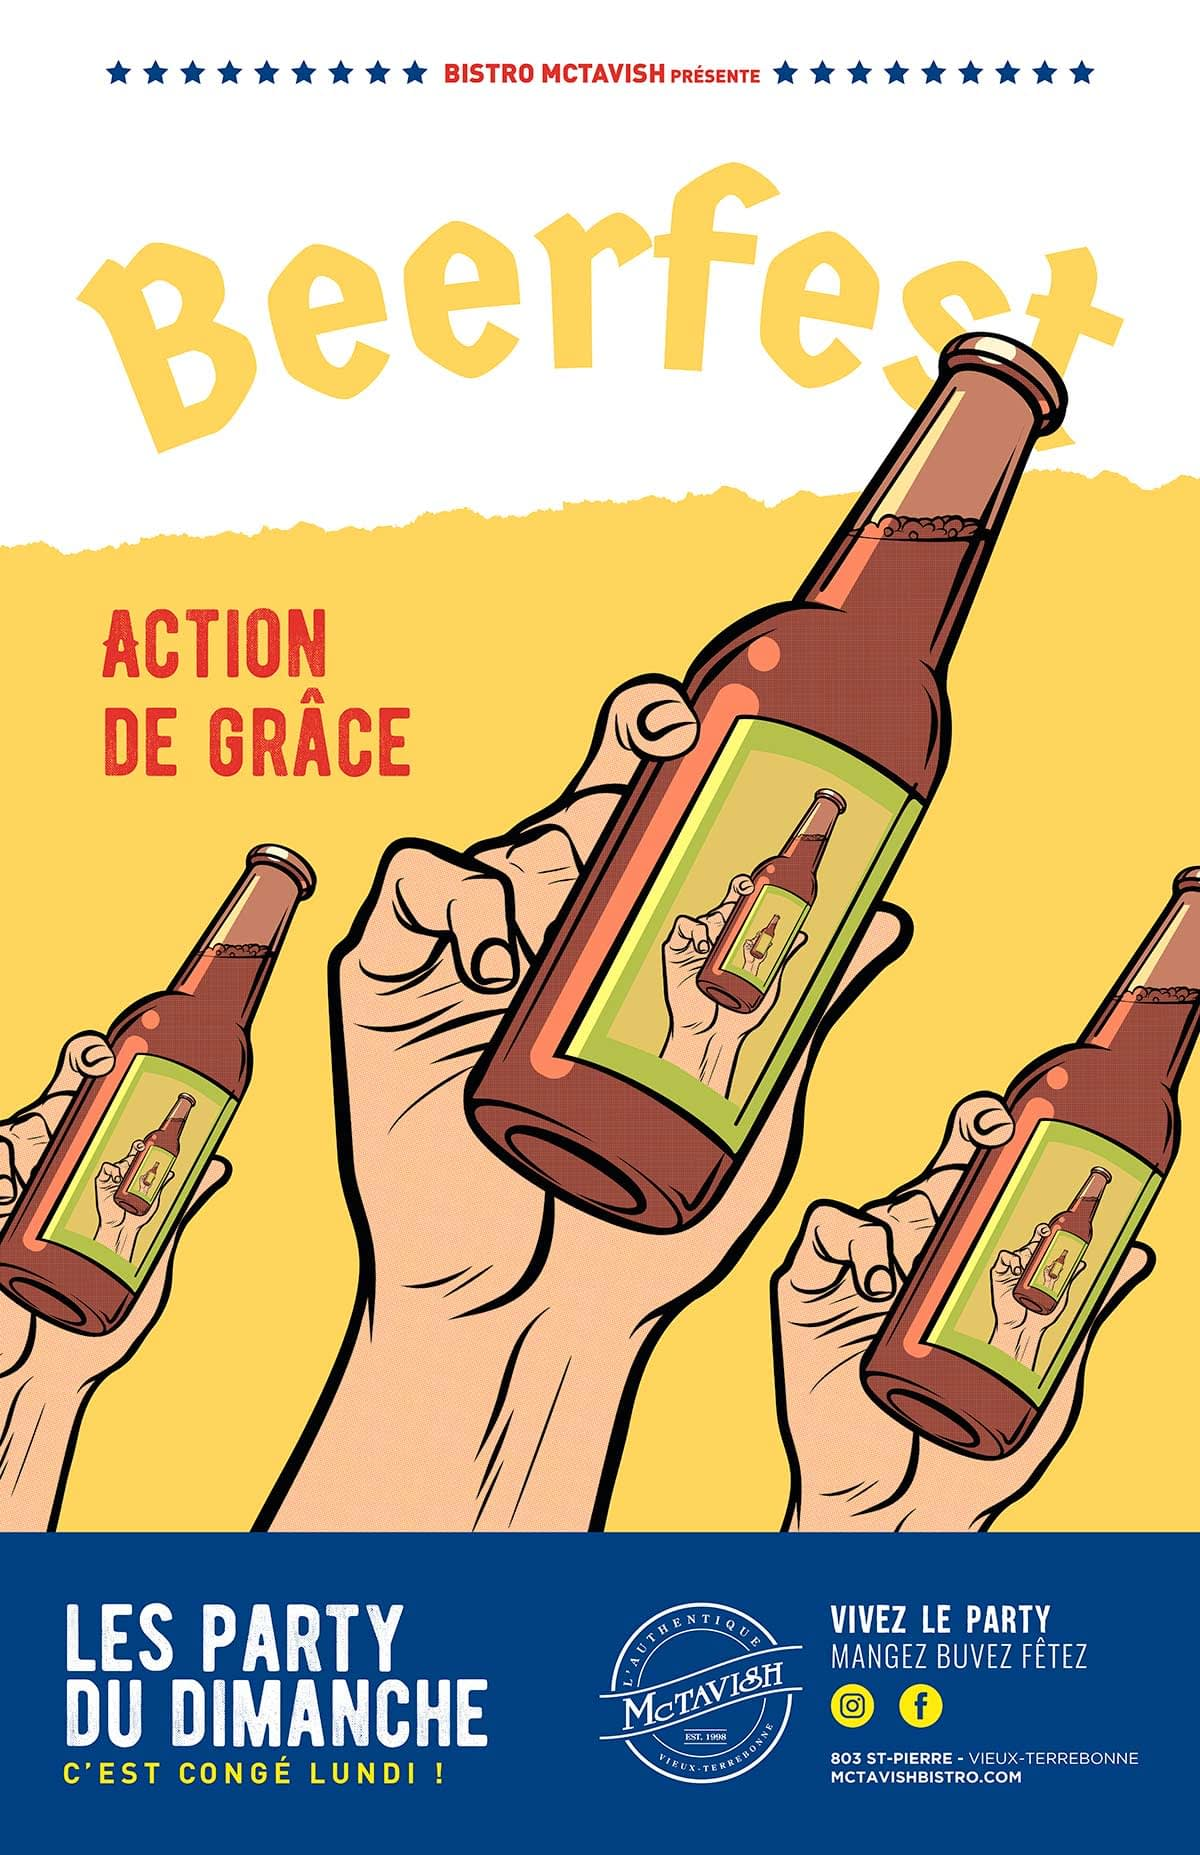 Beerfest - Action de grâce